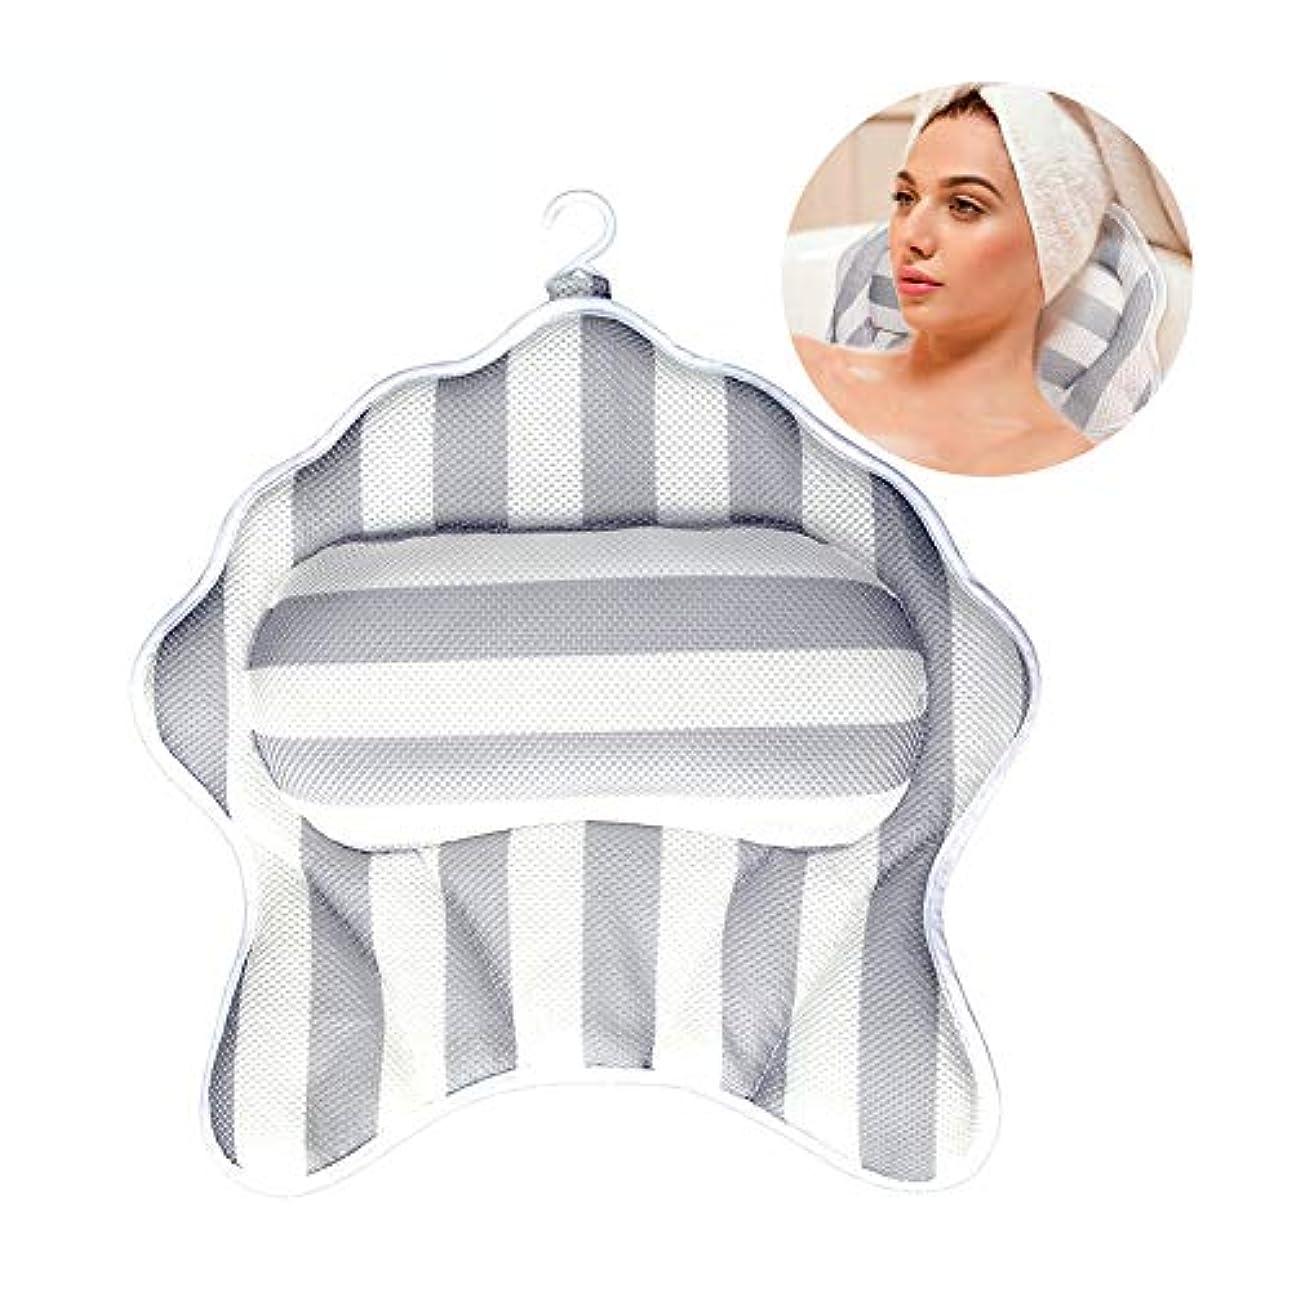 カルシウム常に呪い3dメッシュヒトデスパマッサージバスタブ枕浴室枕クッションwith6強い吸引カップは洗濯機で洗えます